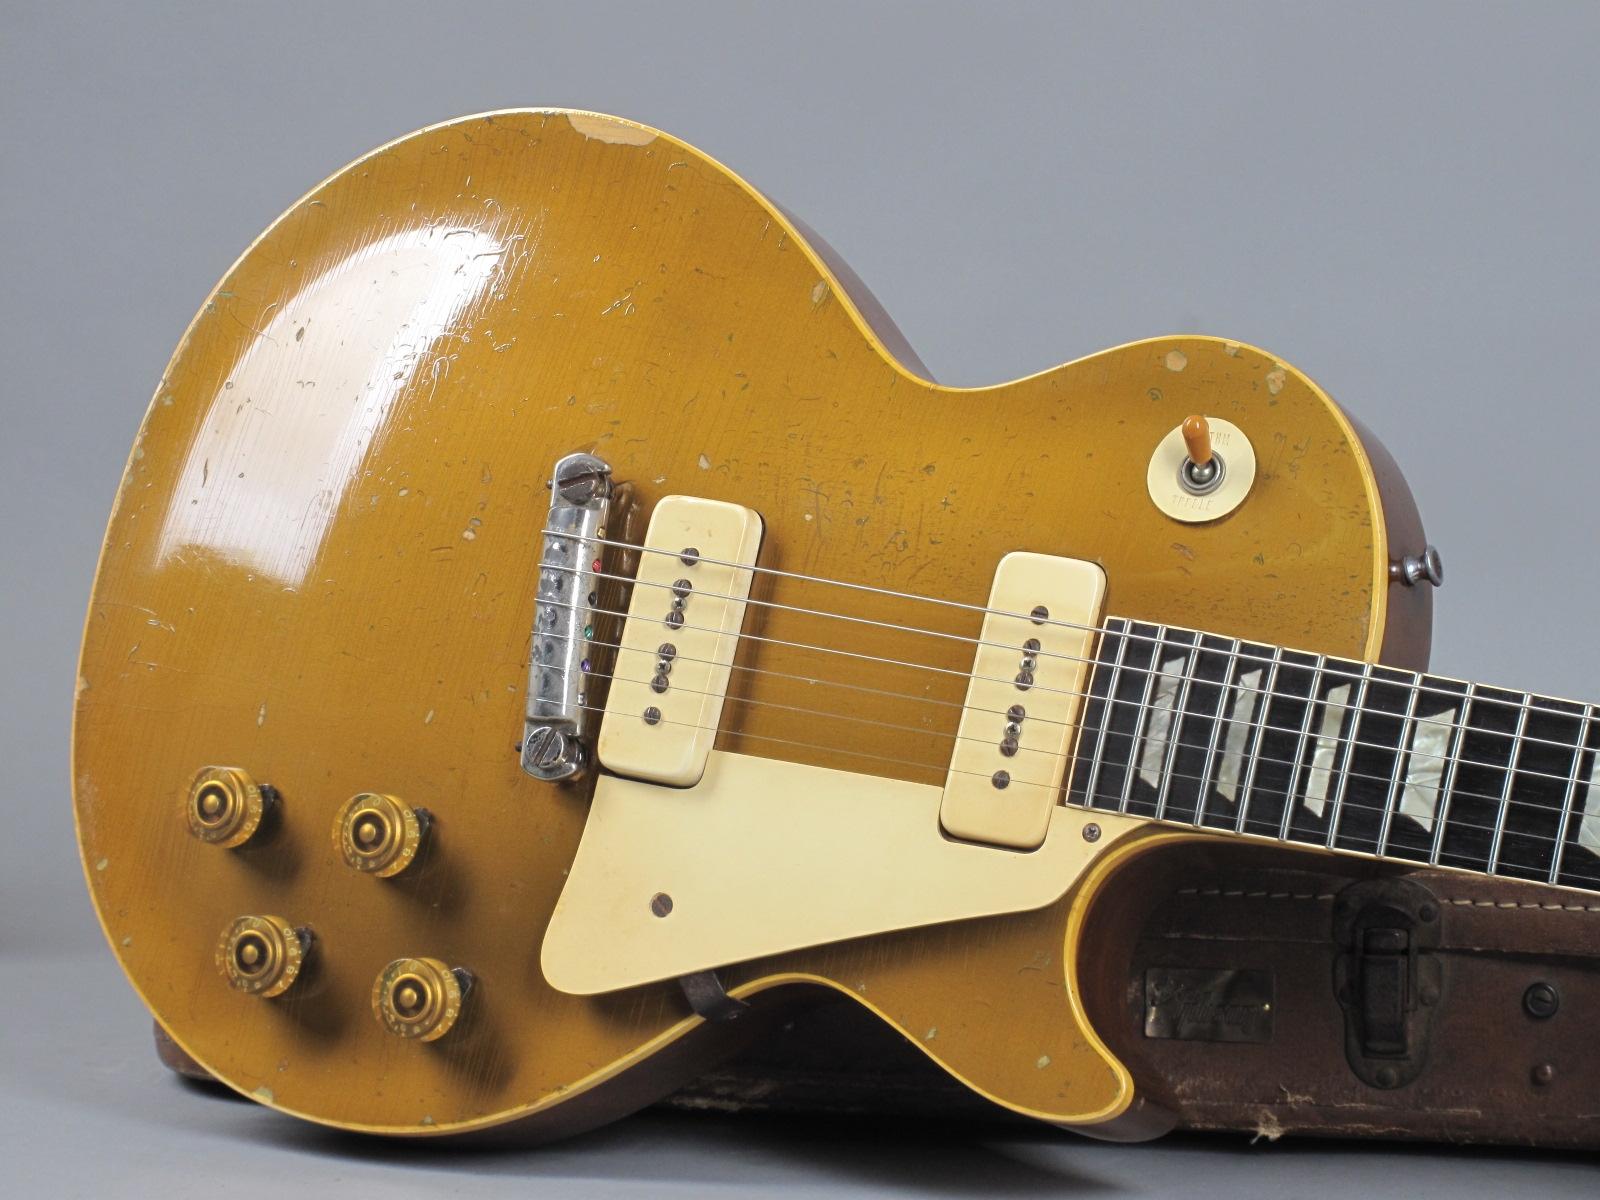 https://guitarpoint.de/app/uploads/products/1953-gibson-les-paul-goldtop-32058/1953-Gibson-Les-Paul-Goldtop-32058-19.jpg